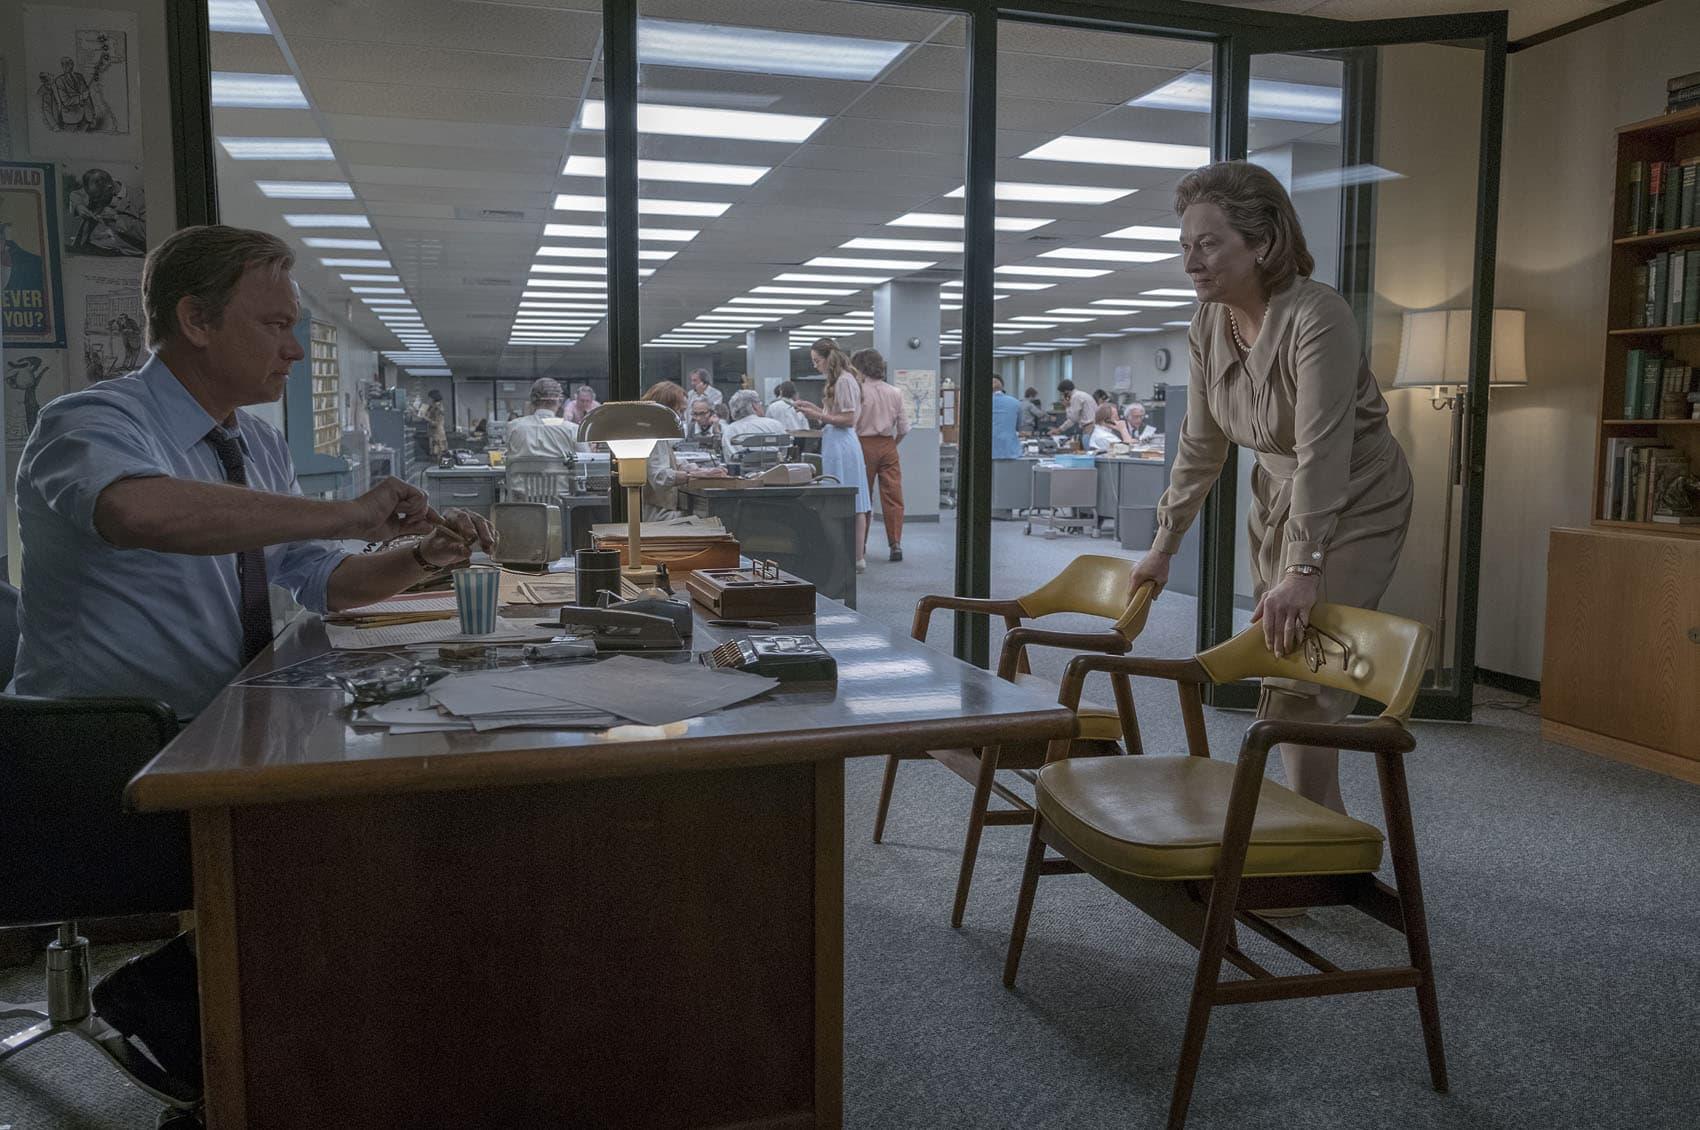 """Tom Hanks, as Ben Bradlee, and Meryl Streep, as Kay Graham, star in """"The Post."""" (Courtesy Niko Tavernise)"""